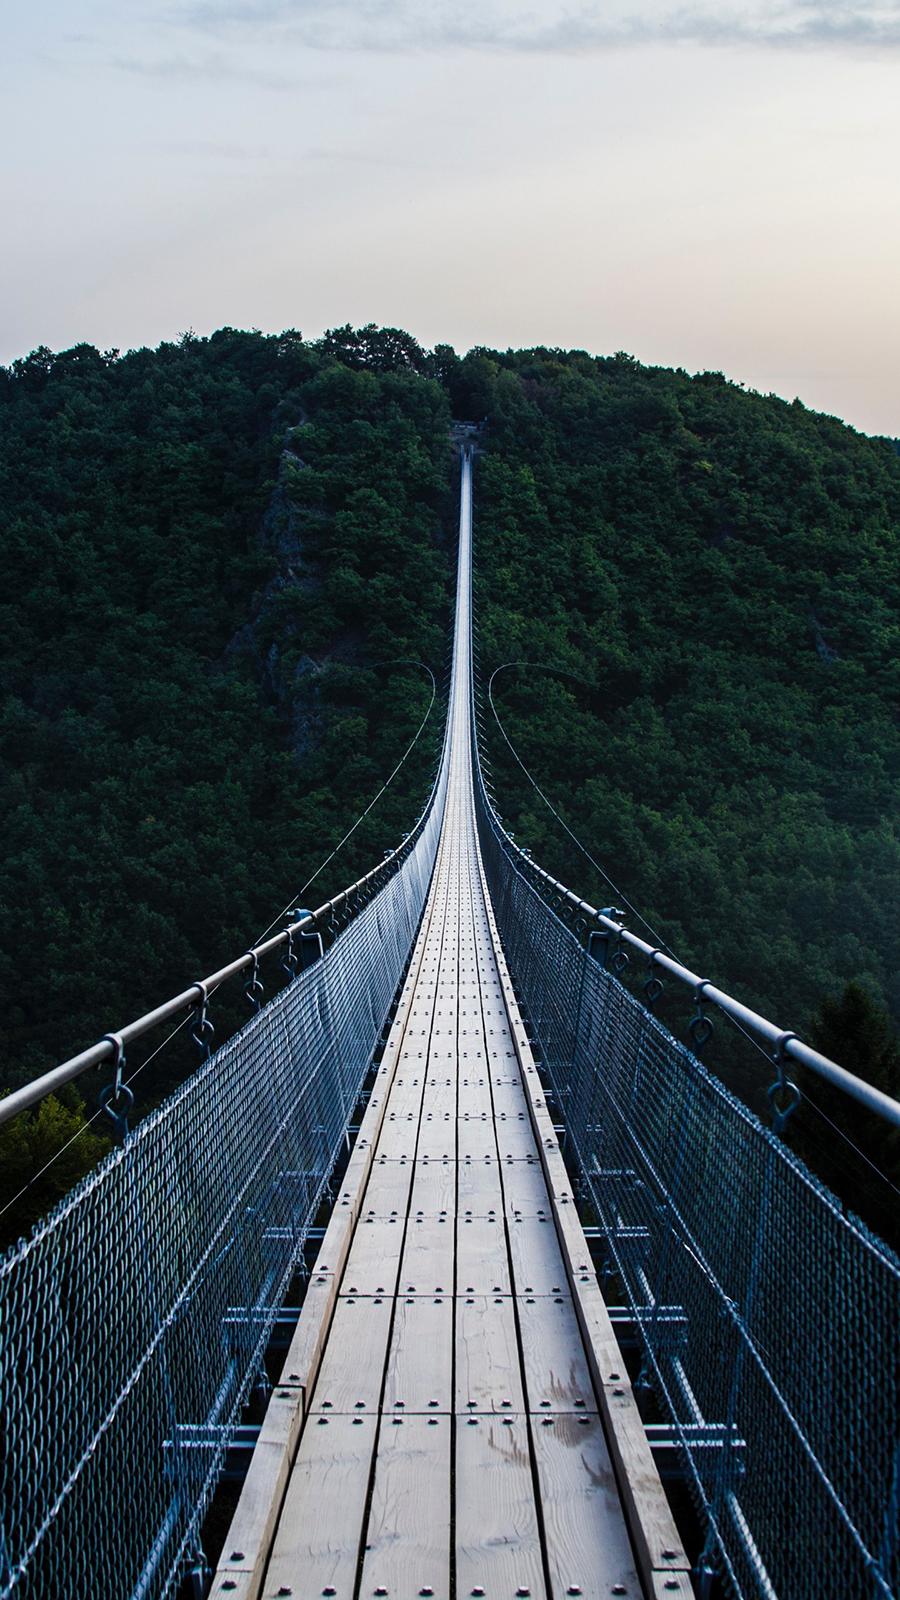 Bridge Trees Hanging Free Wallpapers Download